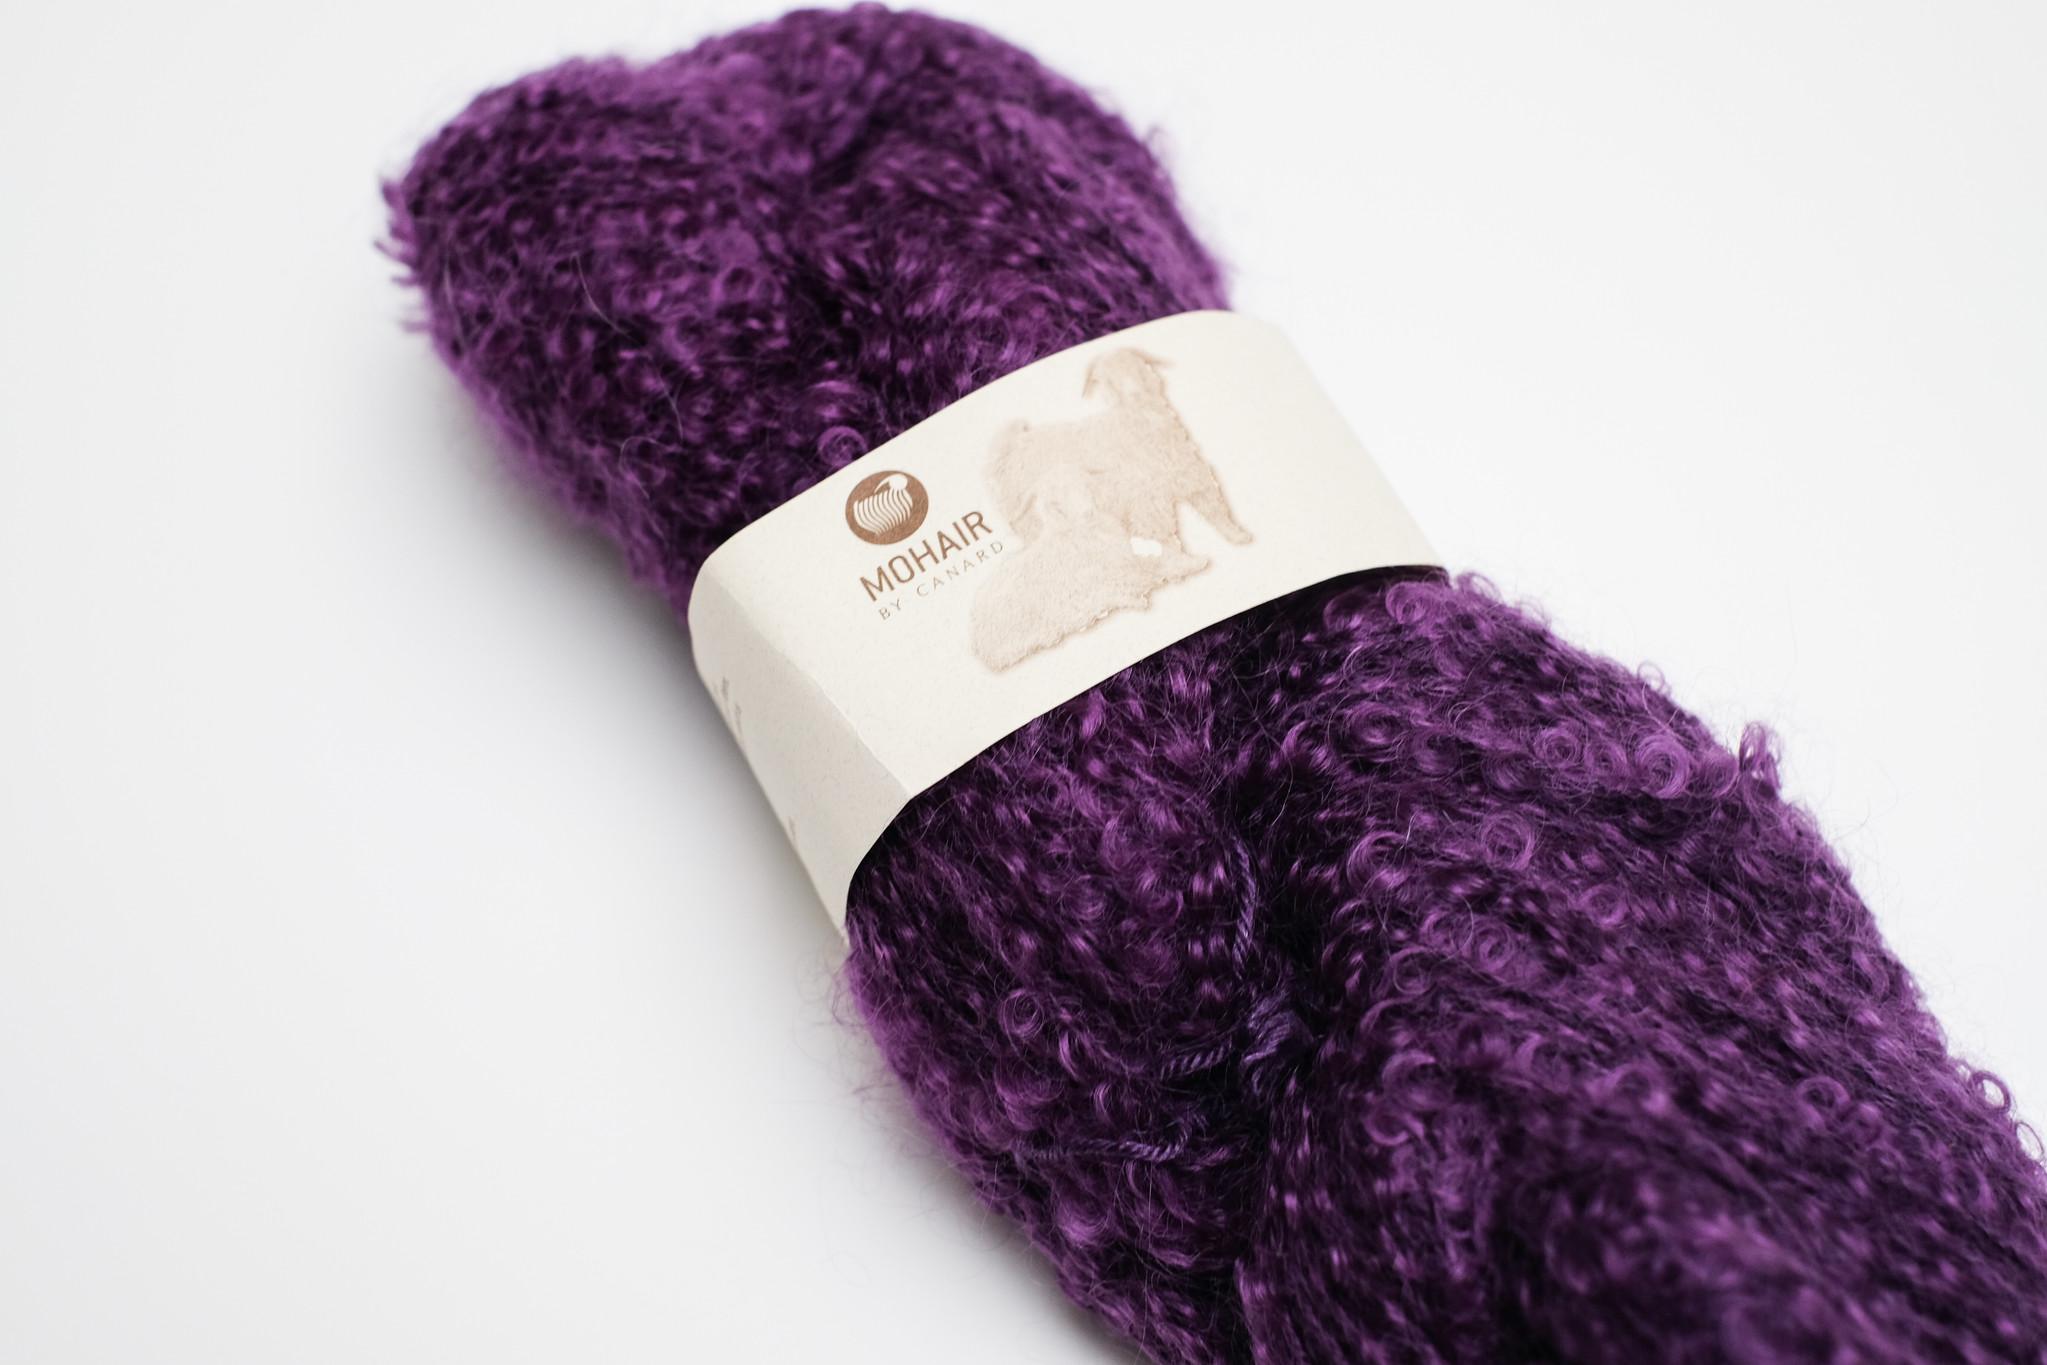 Mohair By Canard Mohair By Canard bouclé - Violet 1032